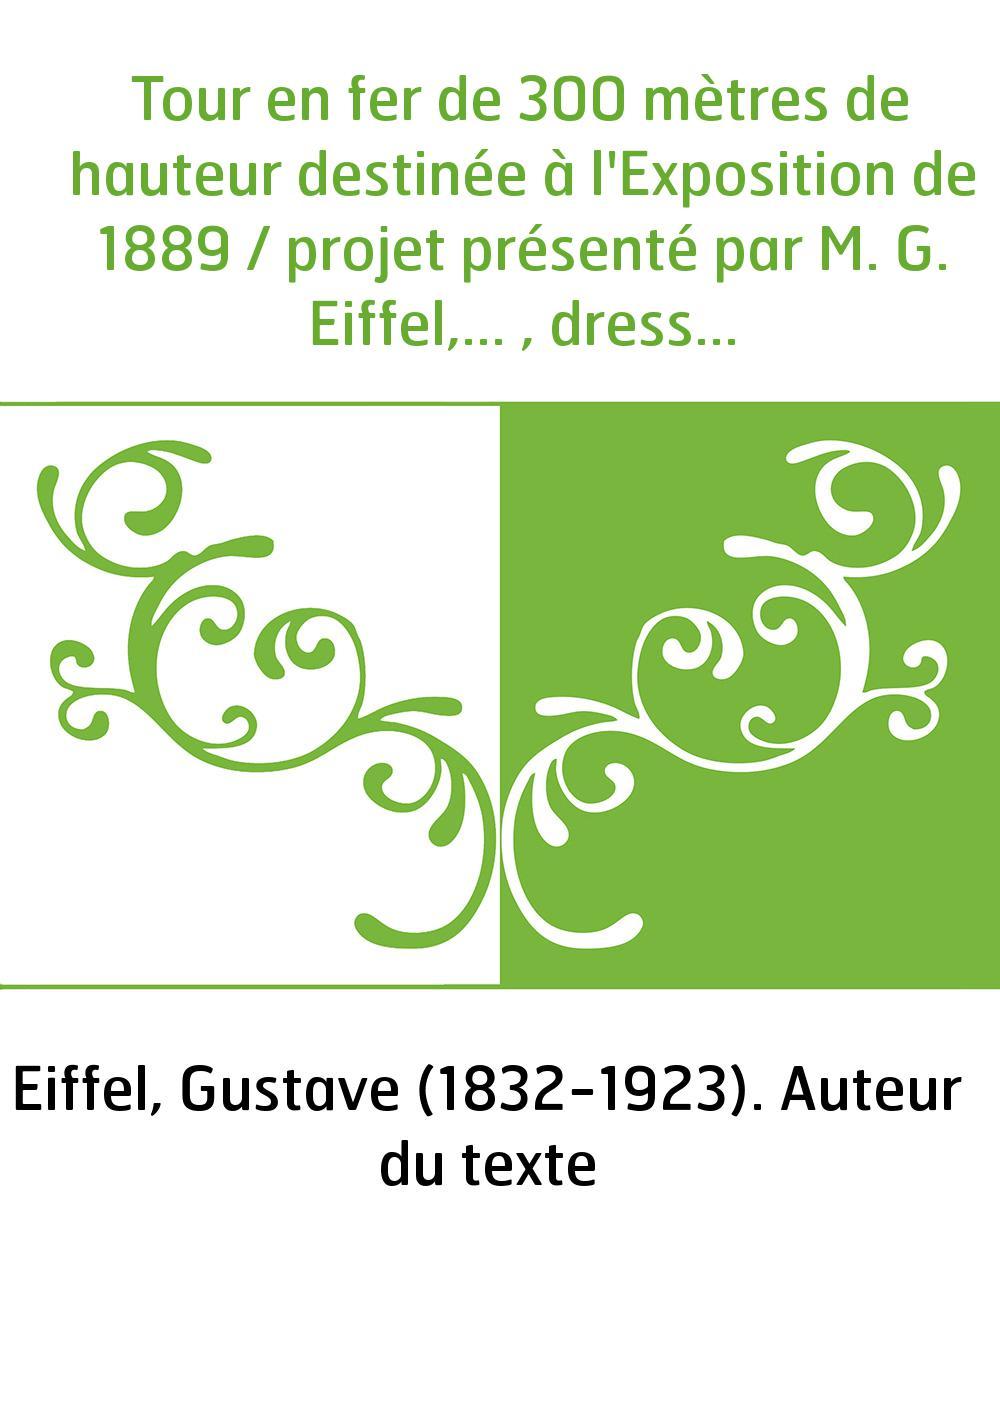 Tour en fer de 300 mètres de hauteur destinée à l'Exposition de 1889 / projet présenté par M. G. Eiffel,... , dressé par MM. E.